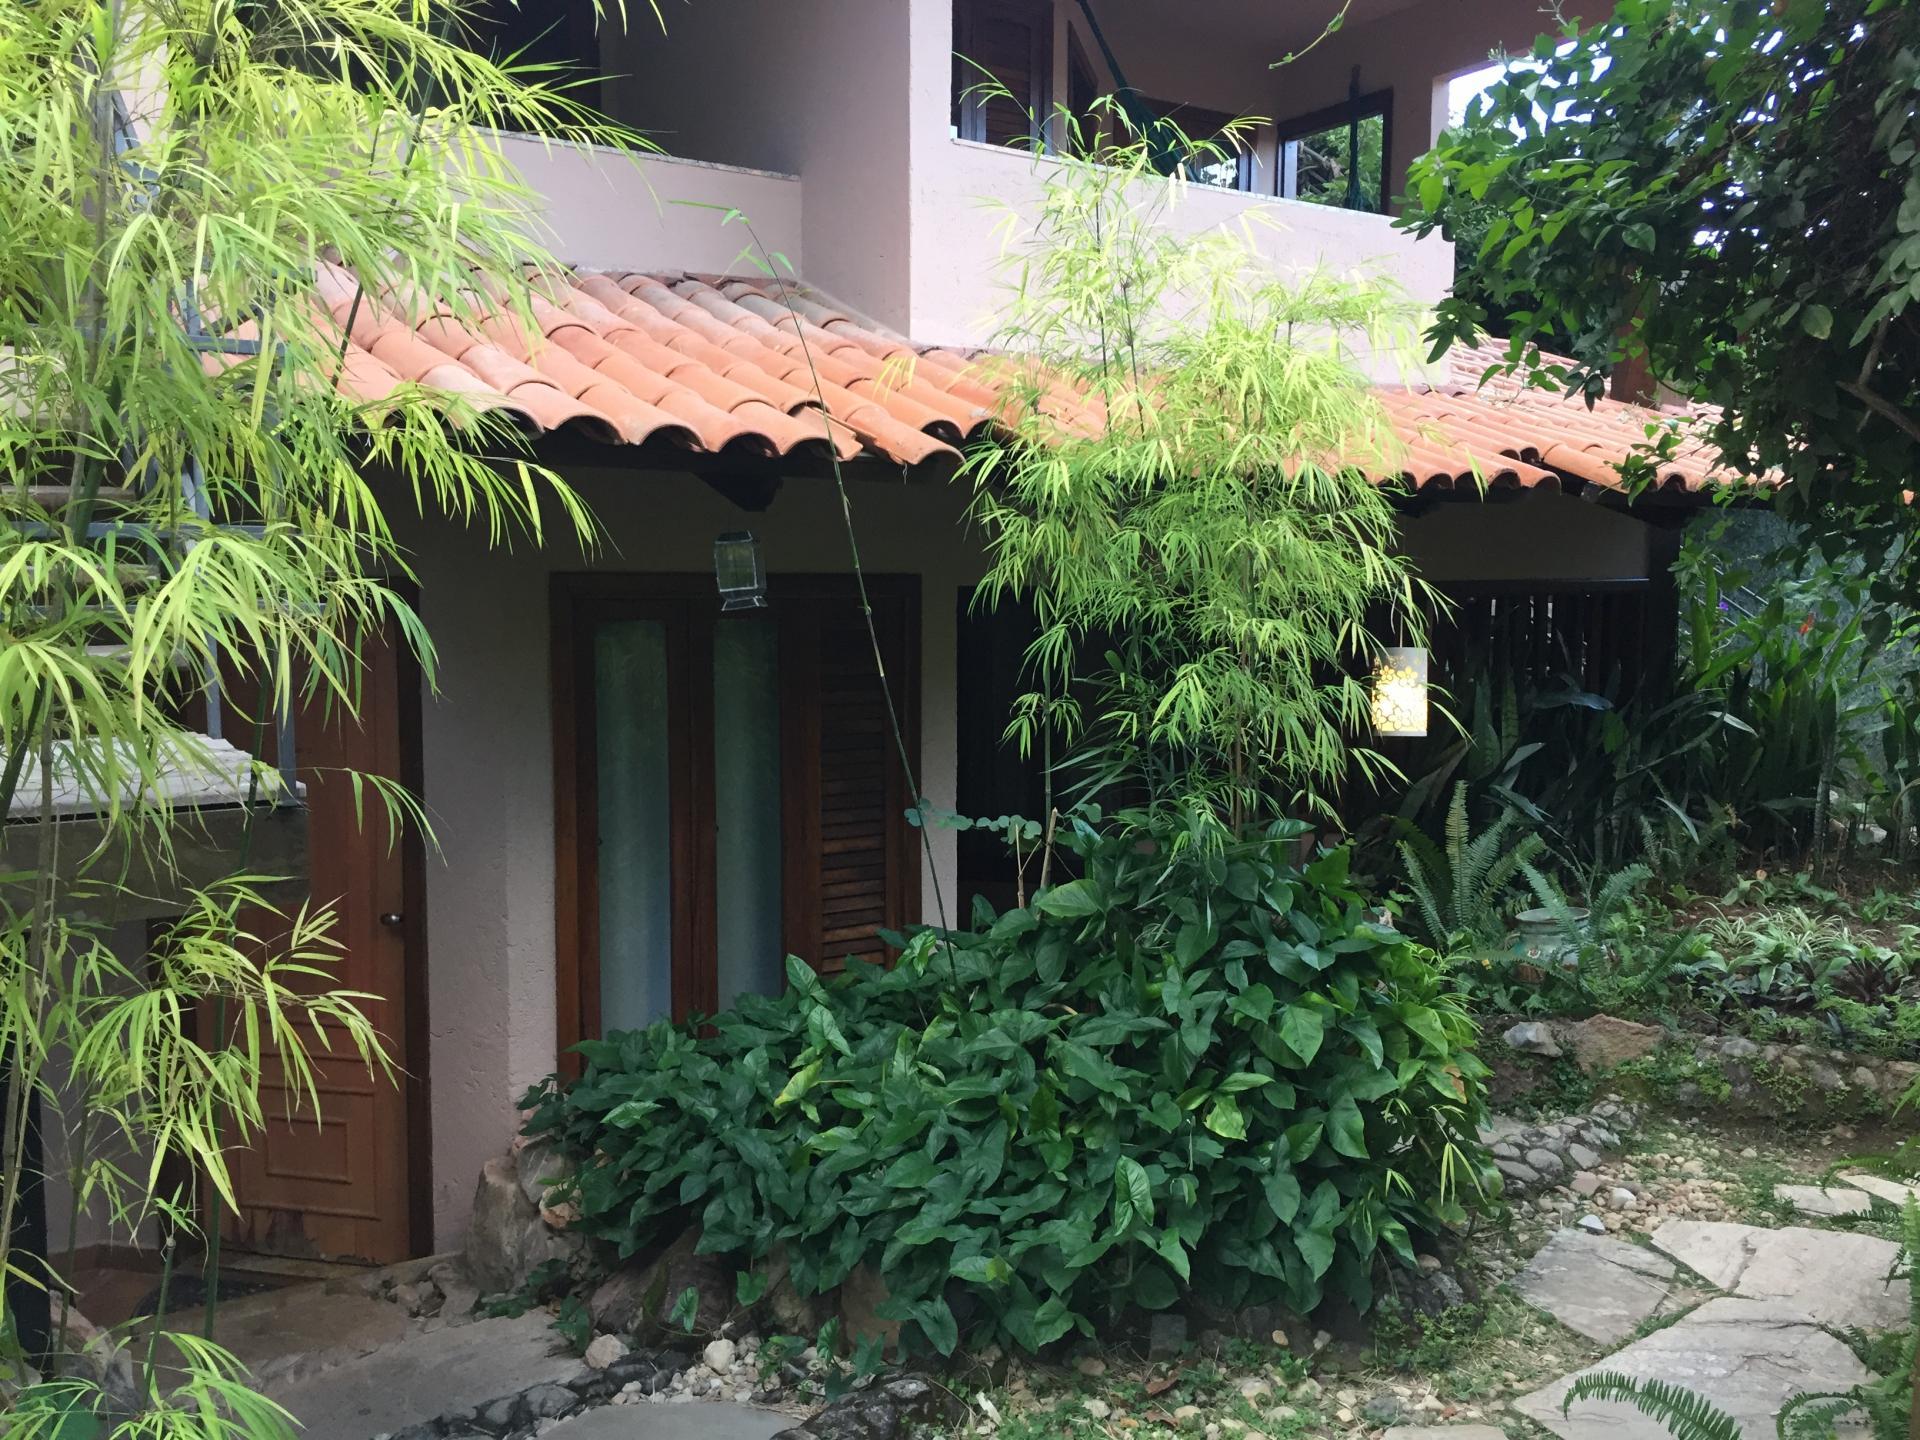 Pousada Casa das Flores Landestypische Unterkunft Brasilien Chapada dos Veadeiros